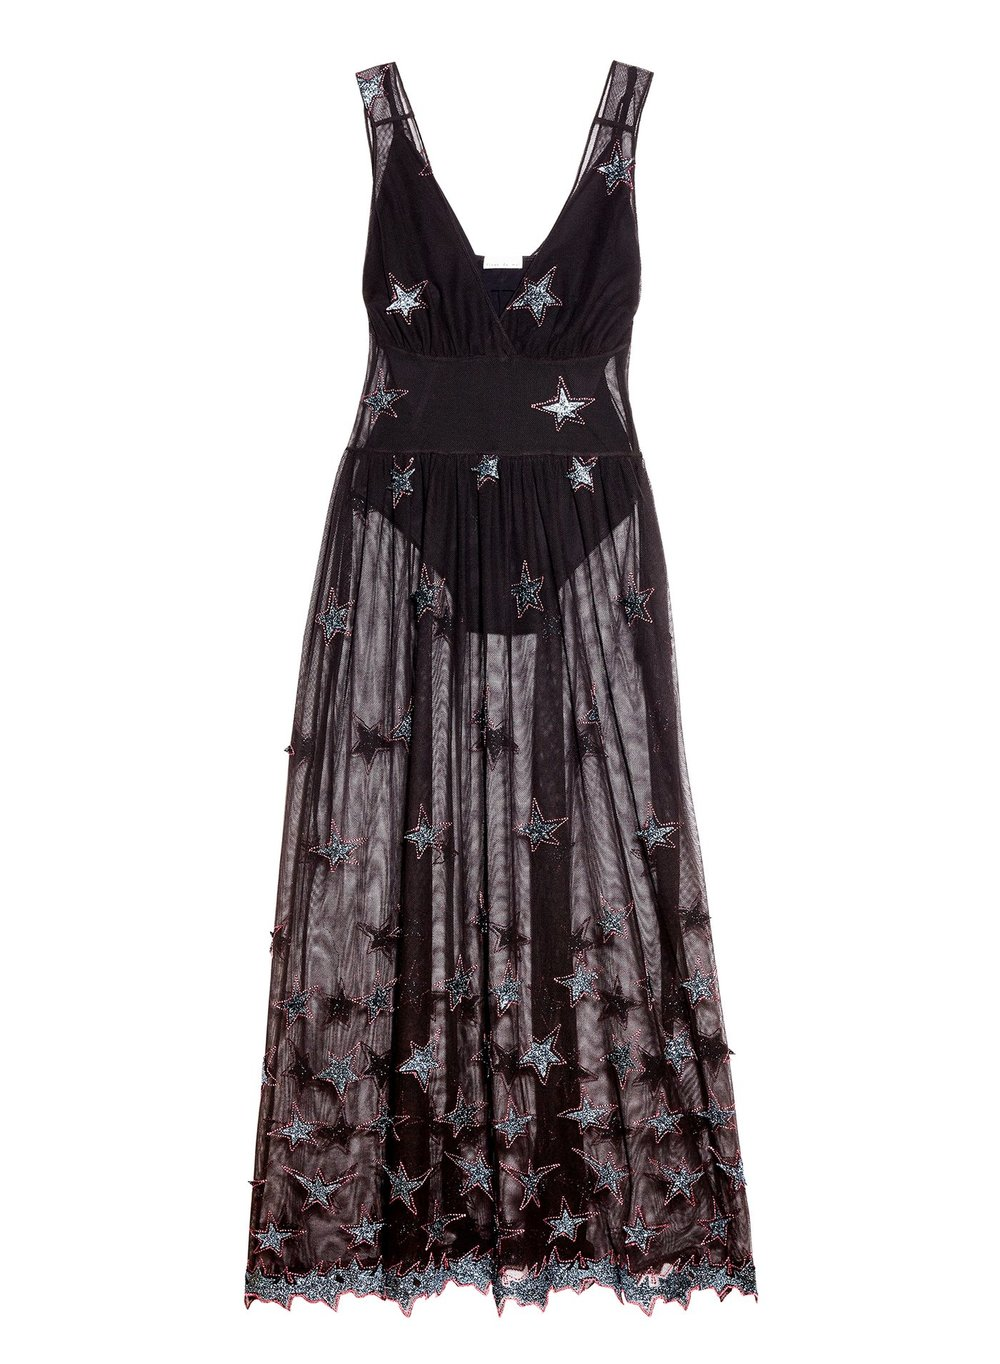 Superstar Sleeveless Dress